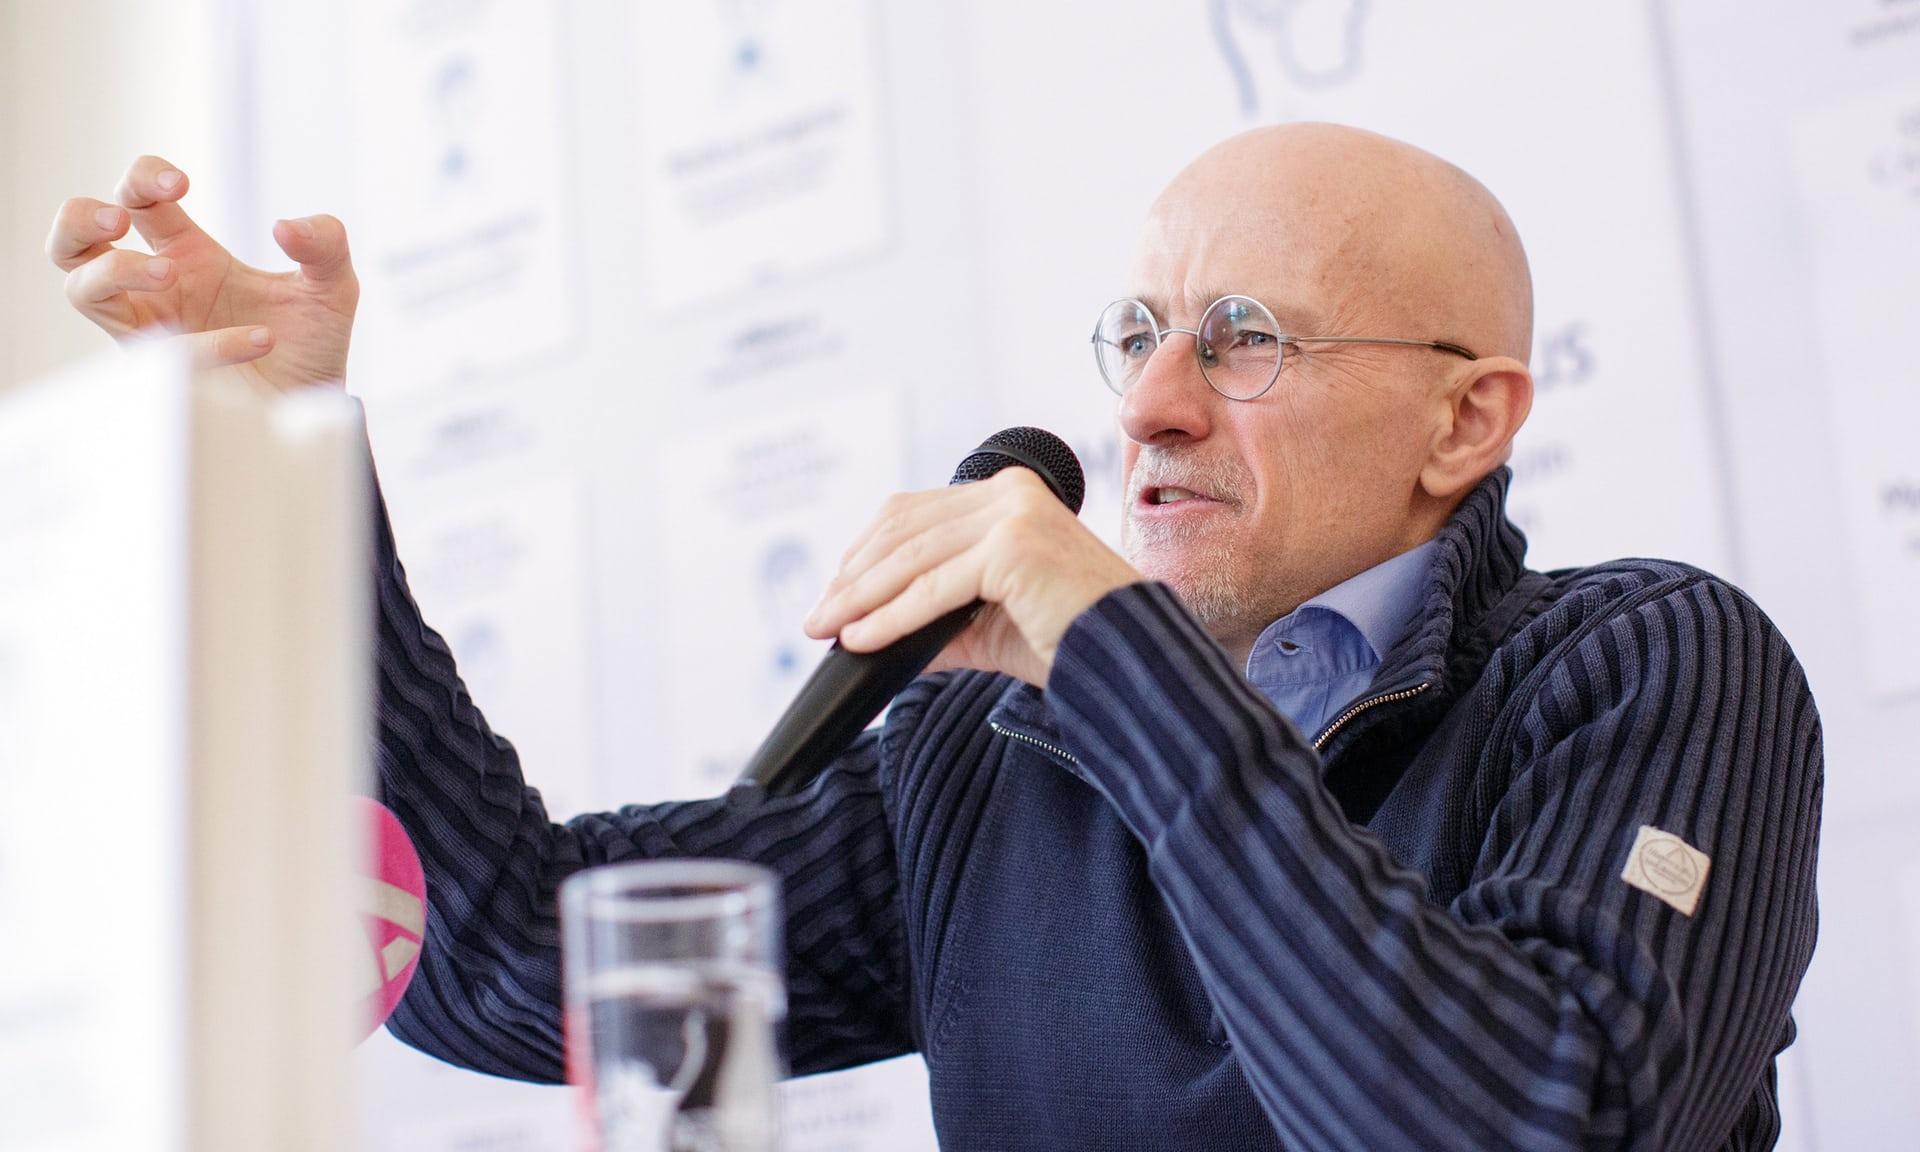 Серджио Канаверо заявил об успешной «репетиции» трансплантации головы человека